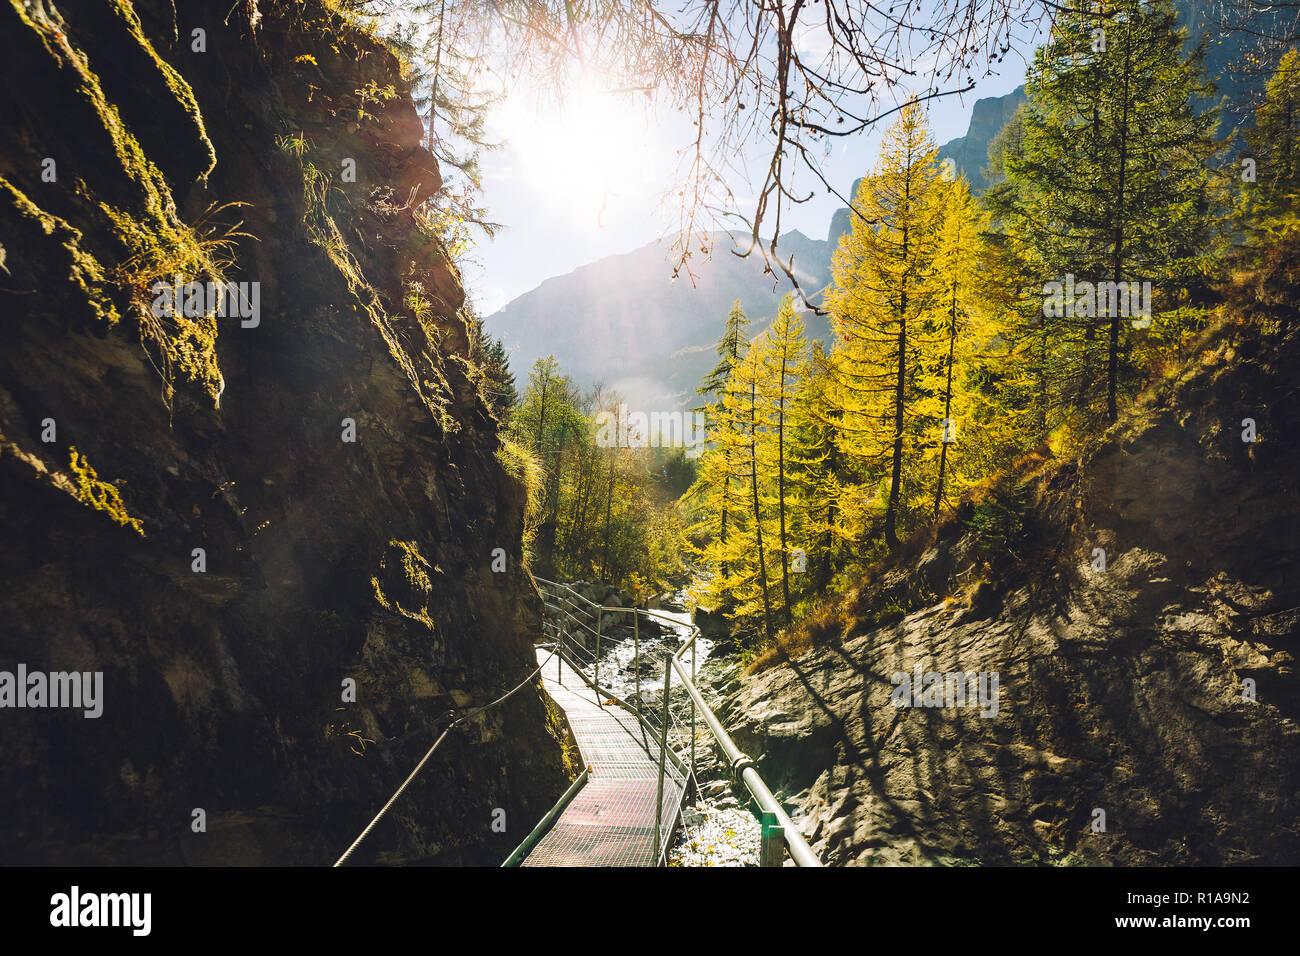 La pasarela de los muelles (themal Leucurbad Dala gorge) durante el otoño. Foto de stock